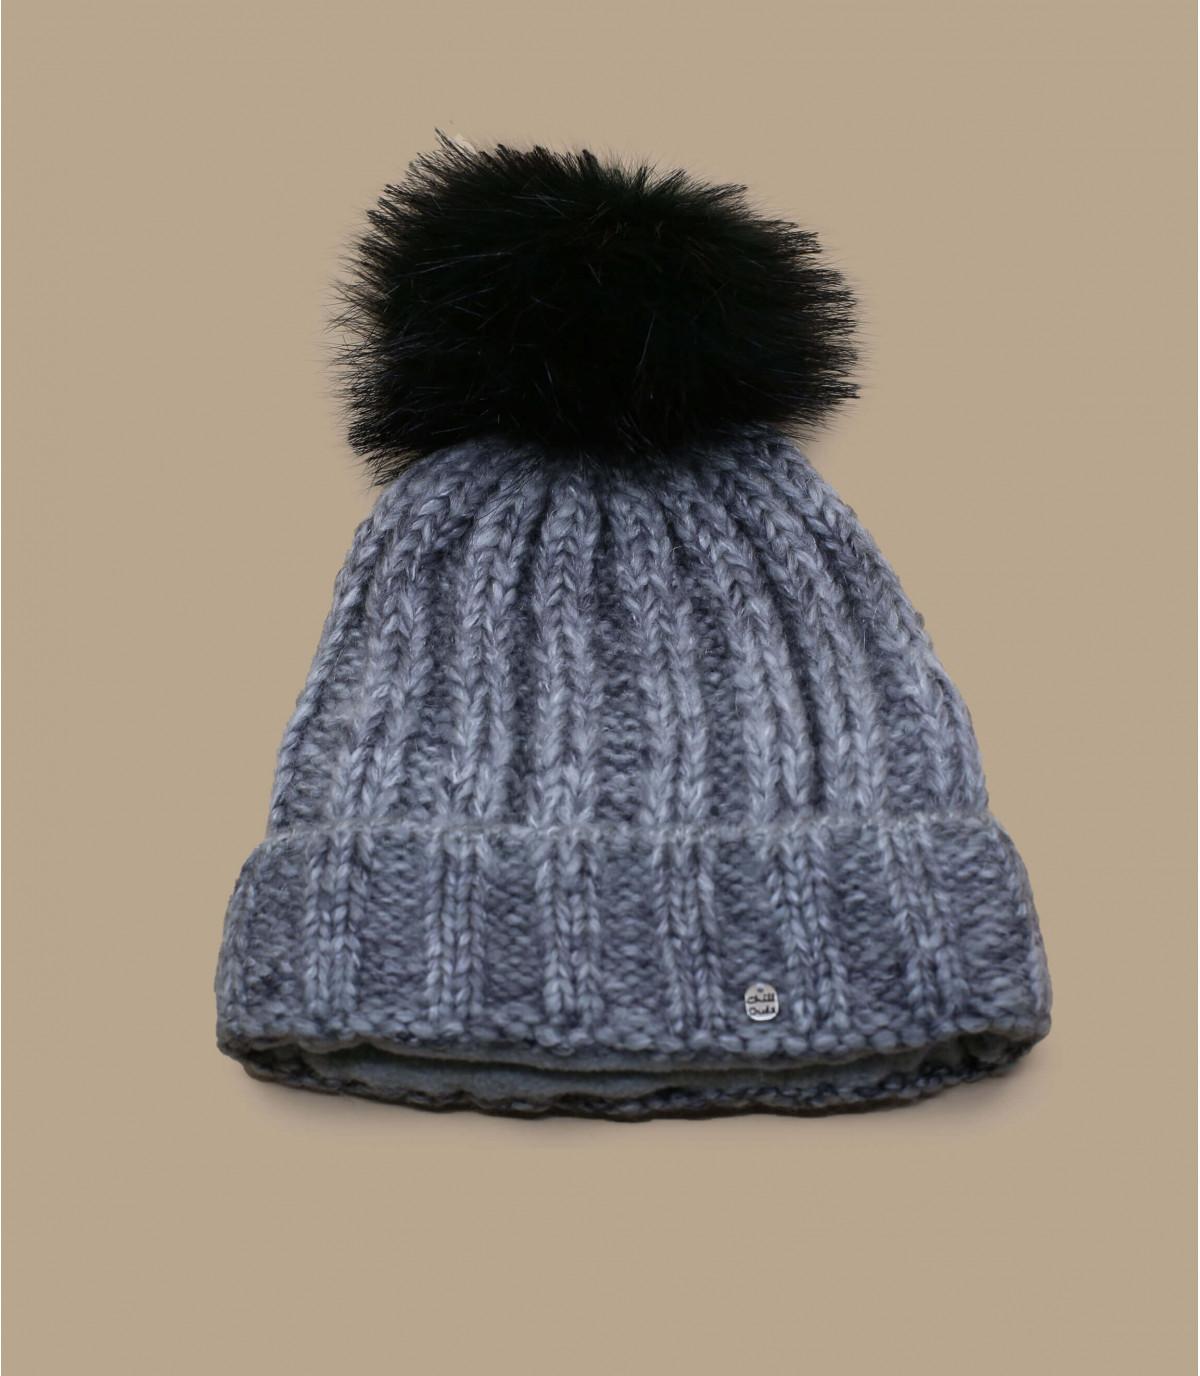 Graue Mütze schwarze Bommel